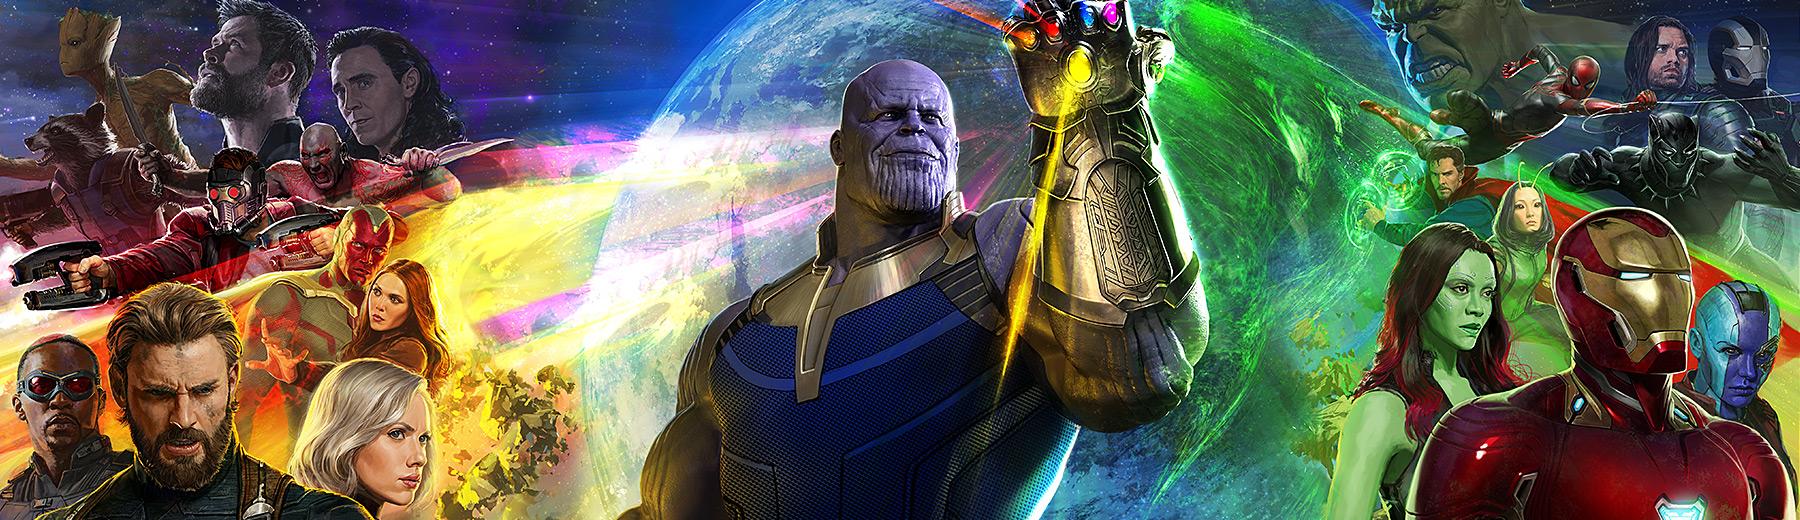 Avengers Fanartikel Zu Infinity War Elbenwald